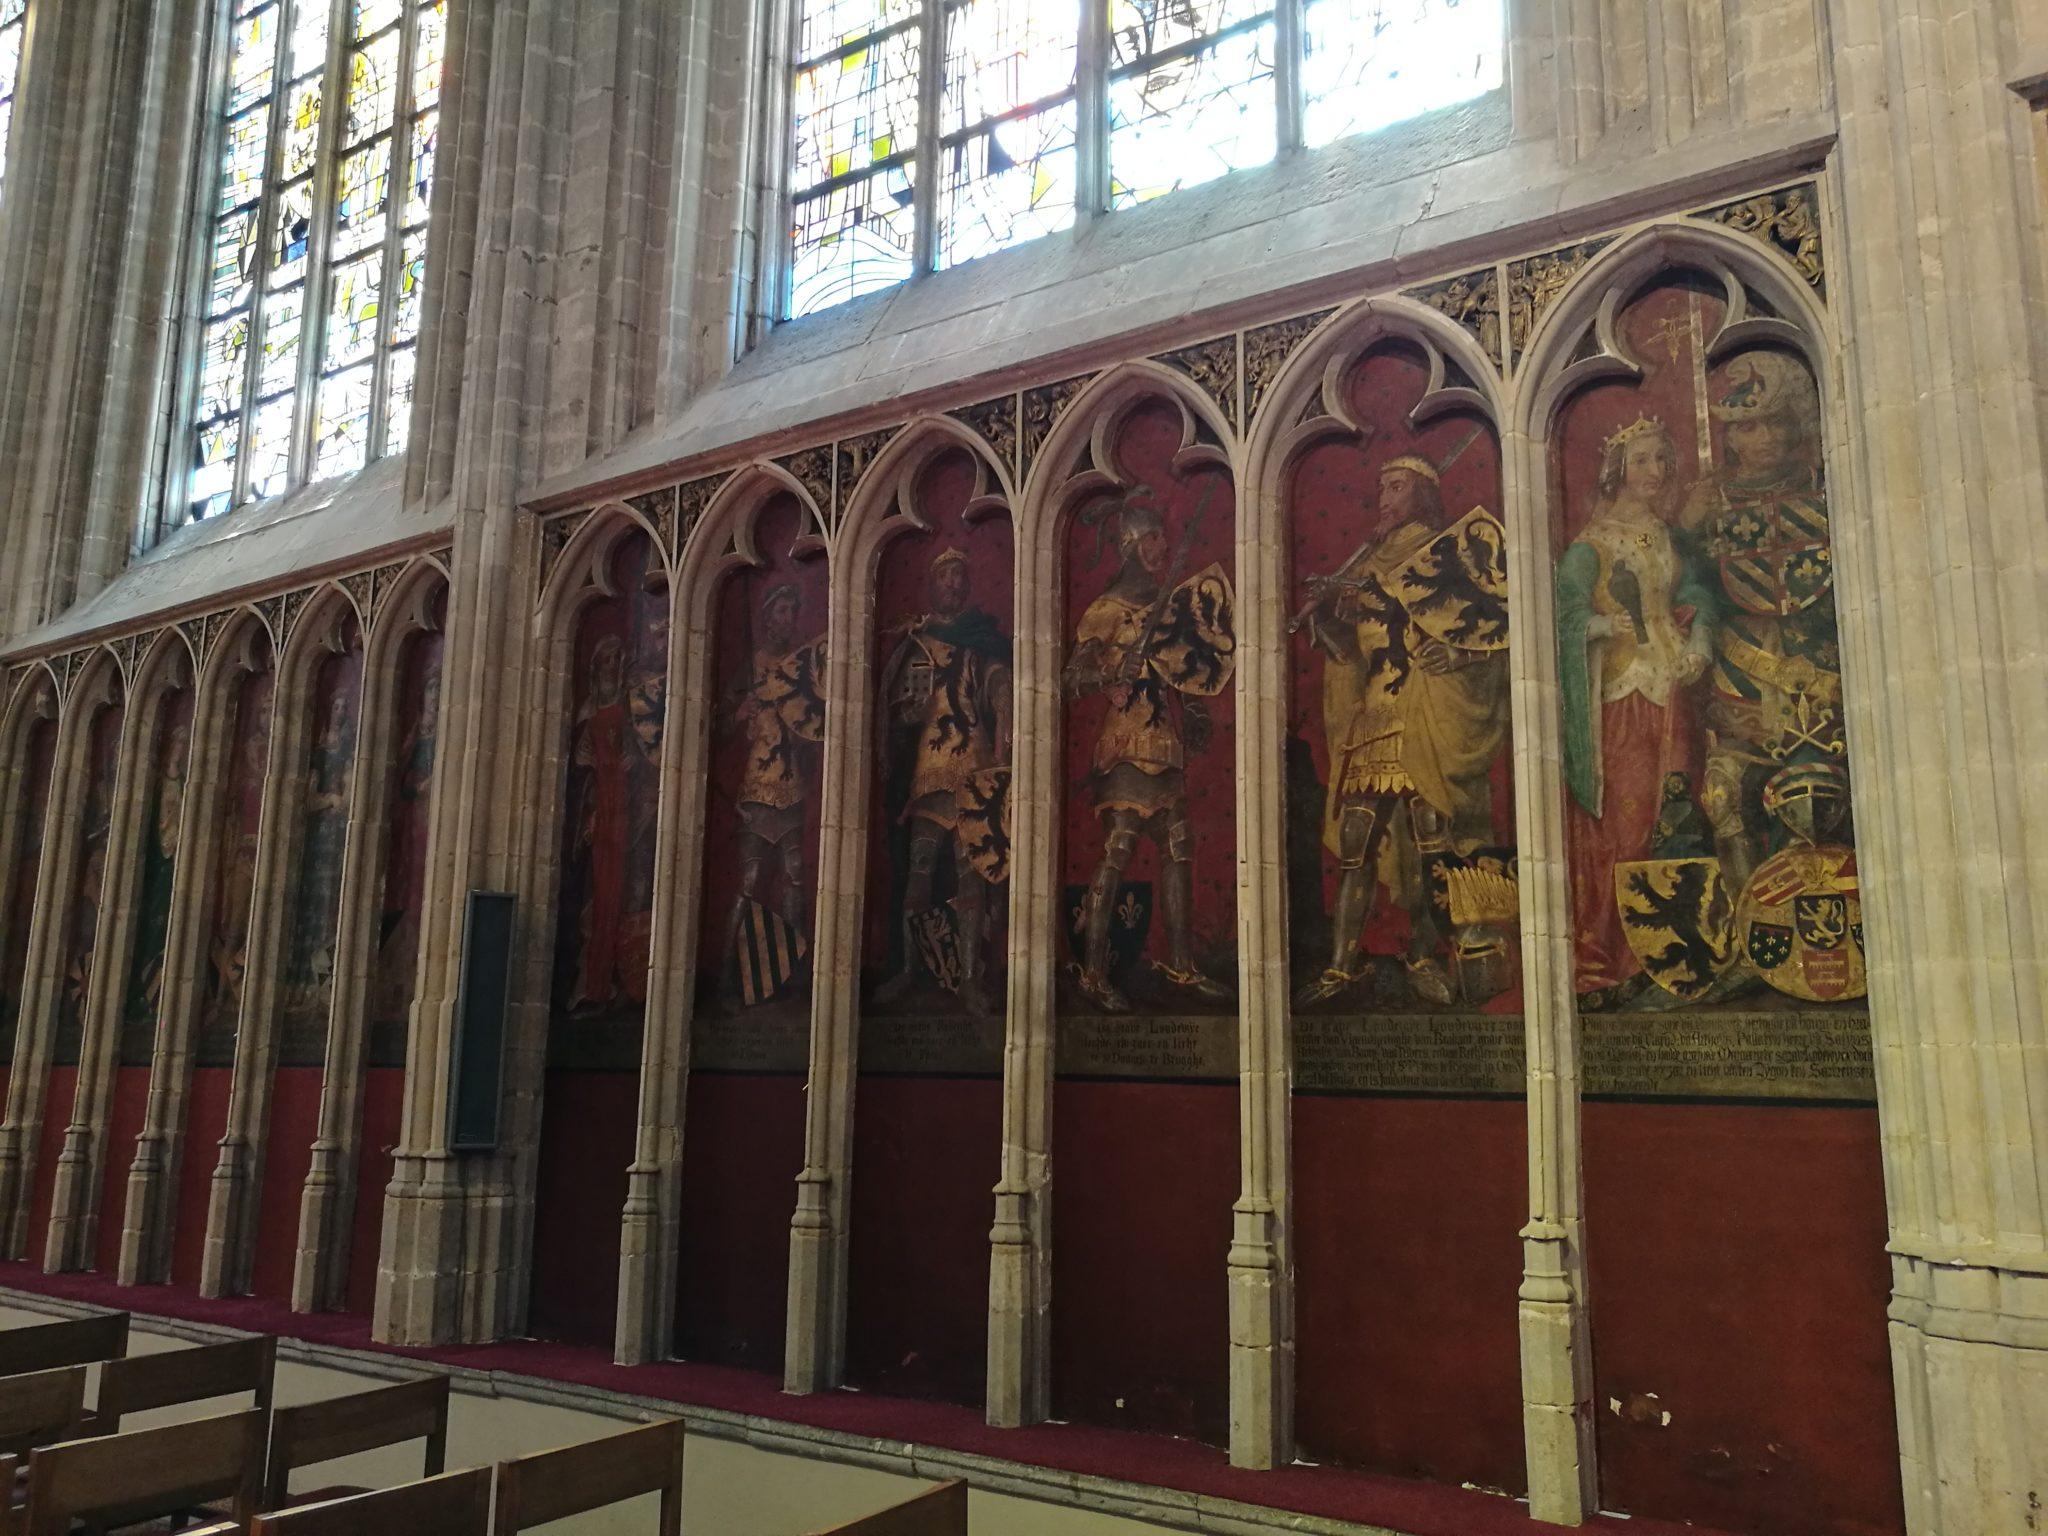 Wnętrze kościoła Onze-Lieve-Vrouwwekerk w Kortrijk